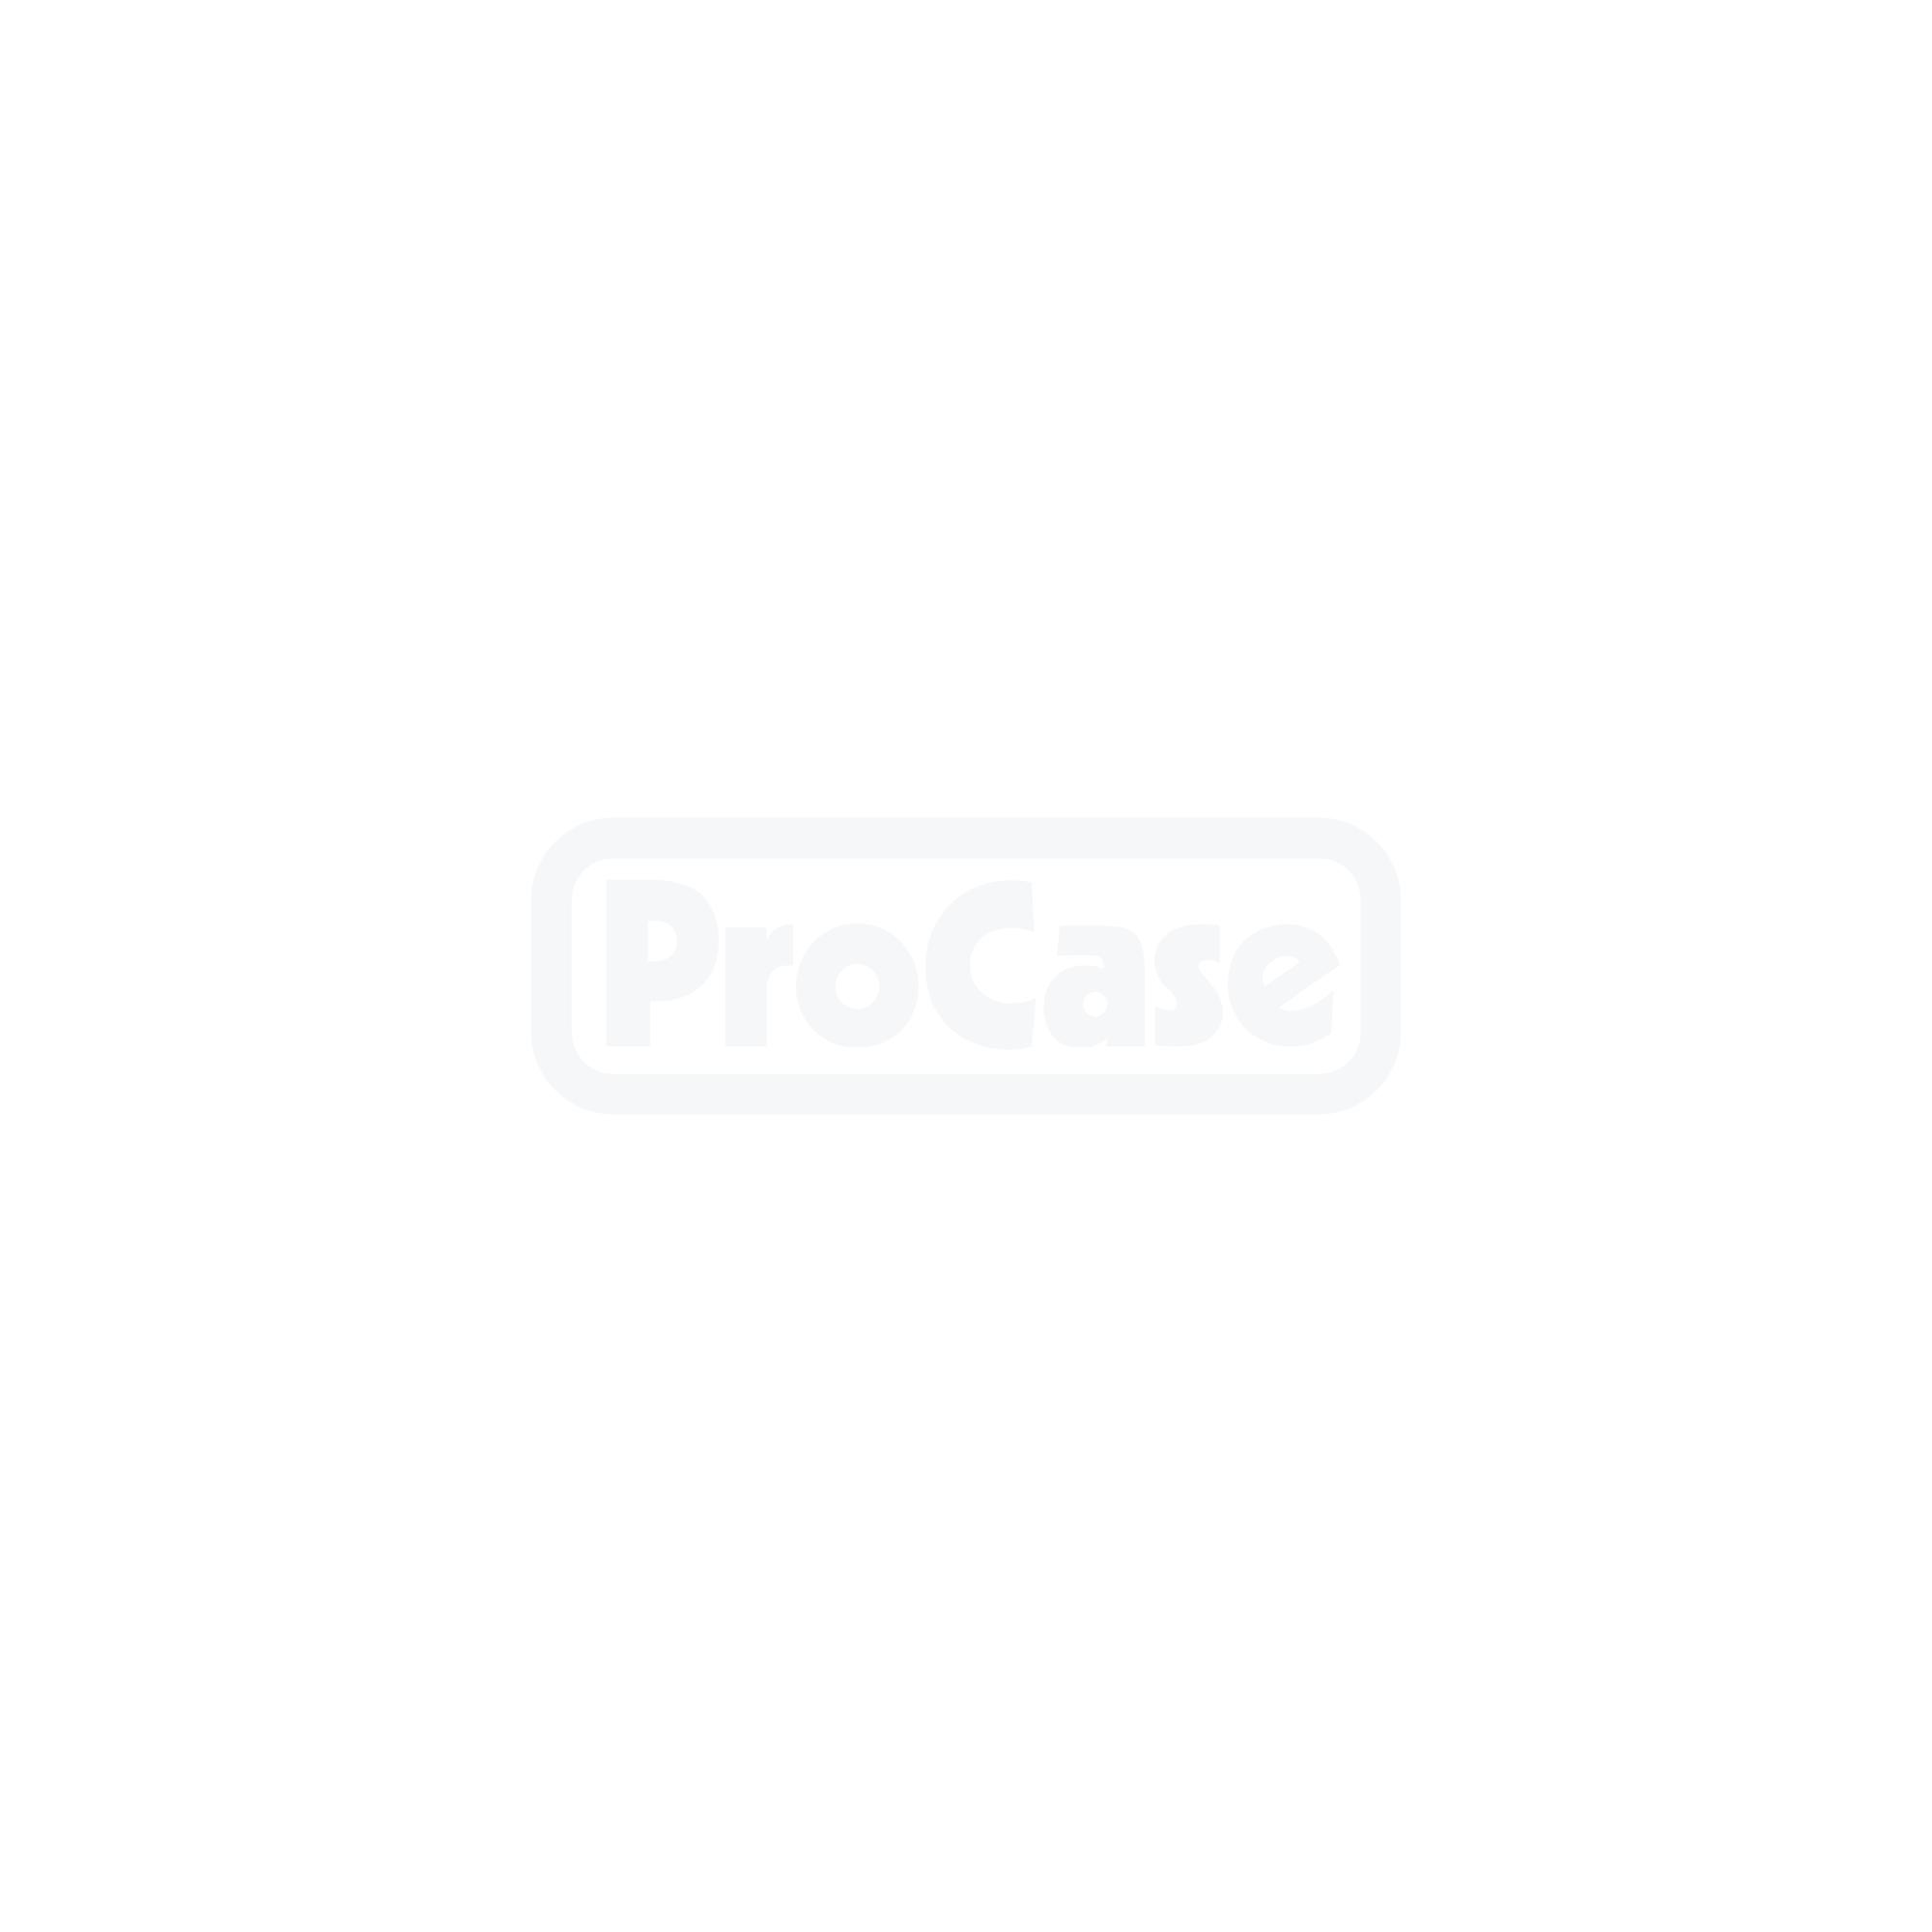 Flightcase für 2 TW Audio M8 inkl. Zubehör